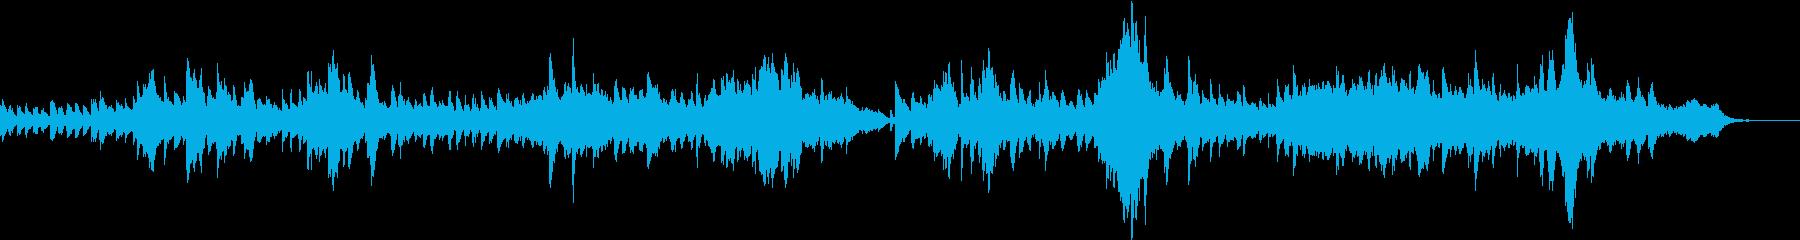 ワルツのメロディーでノスタルジック...の再生済みの波形